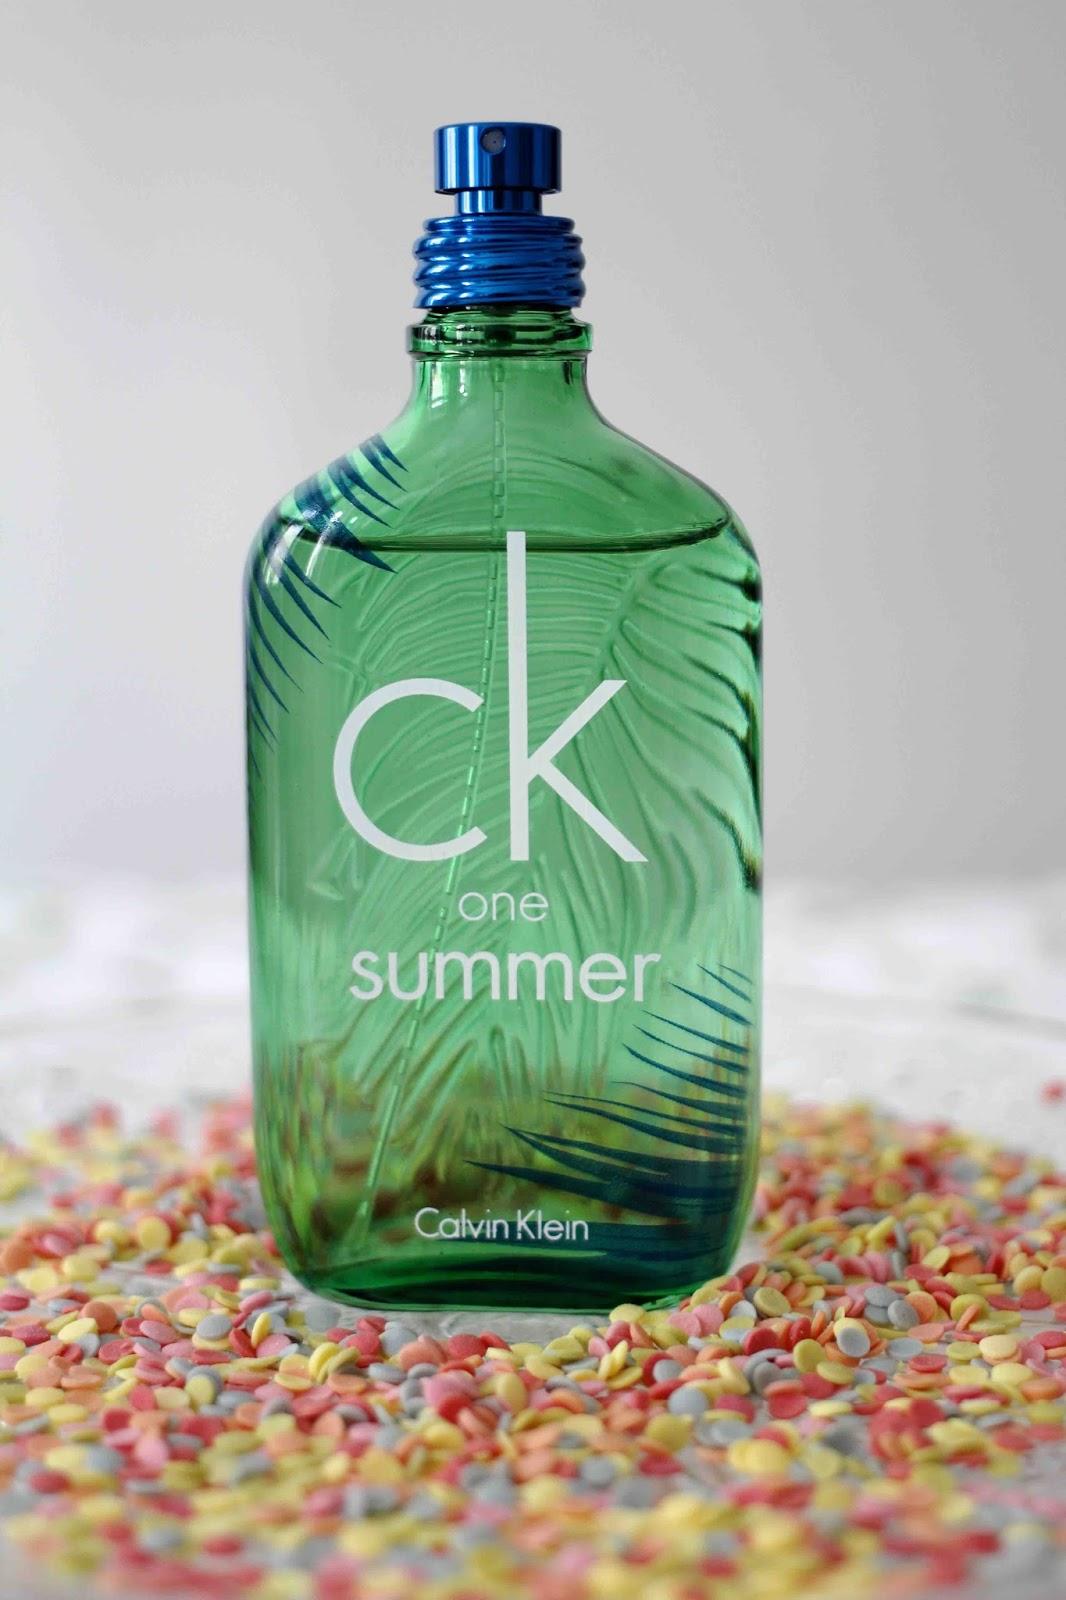 Calvin Klein Sommerparfum